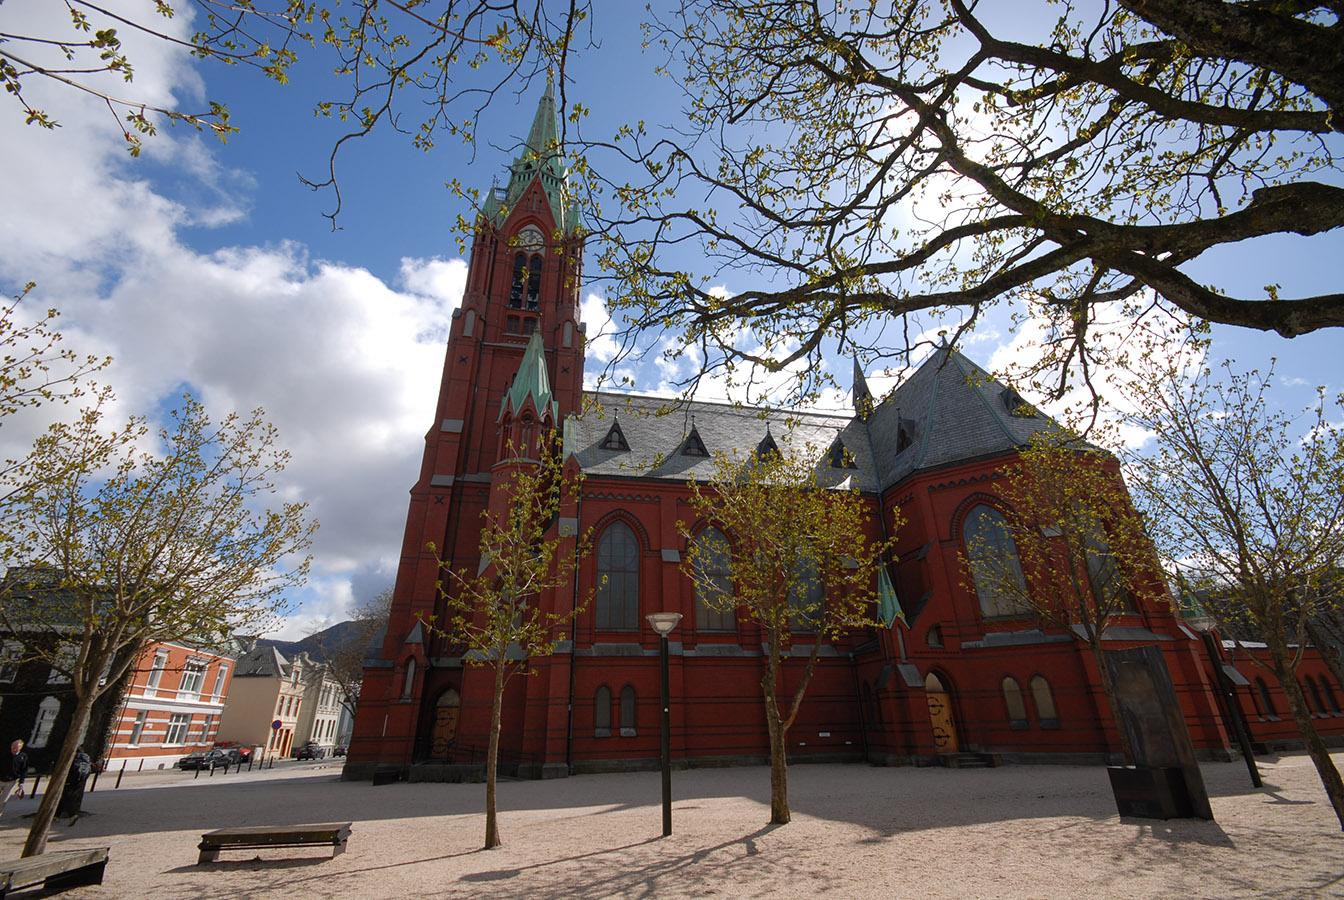 Johannes Church